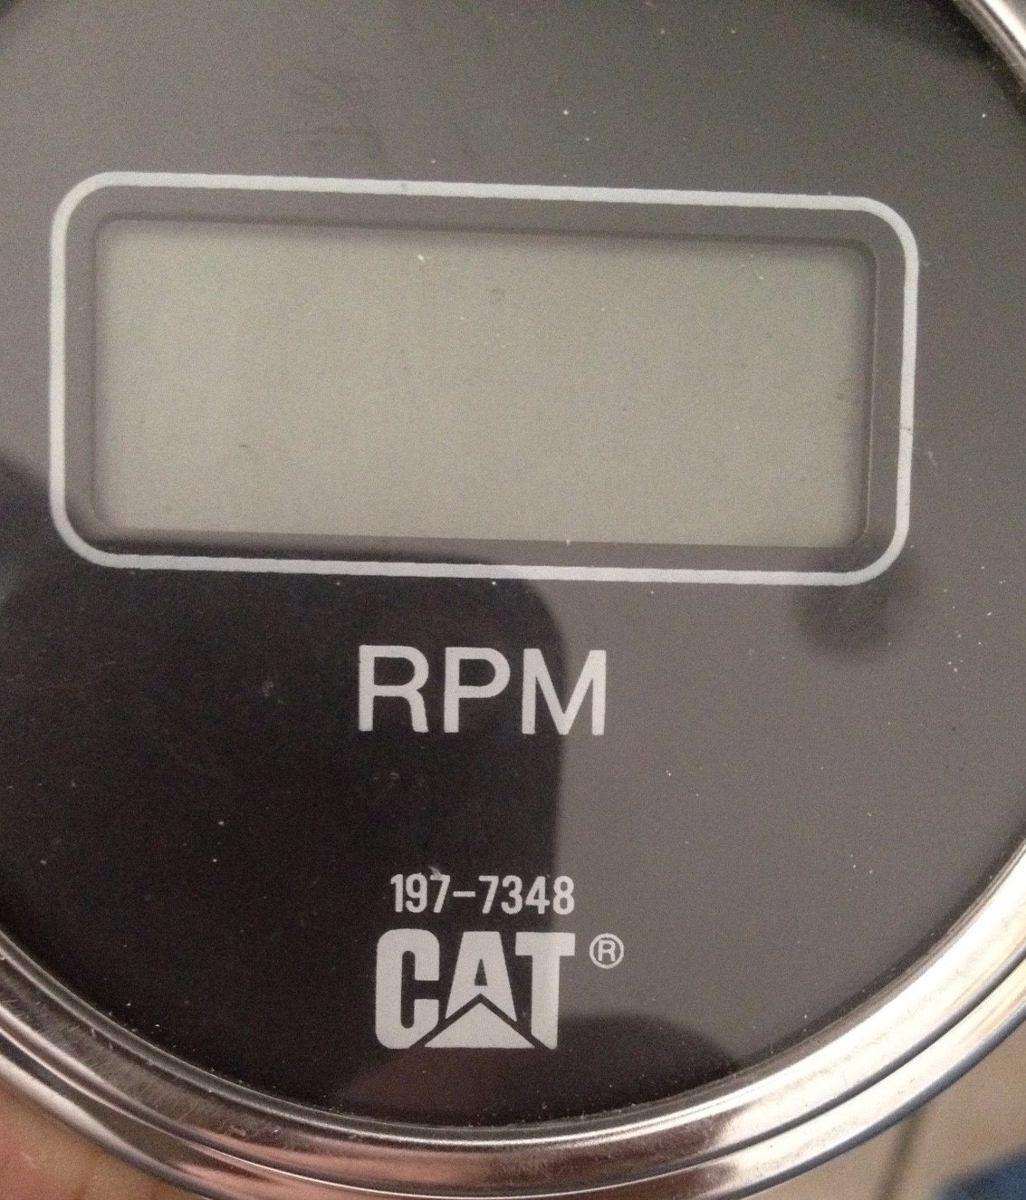 Tacometro Caterpillar 1977348 197-7348 Tachometer-electronic